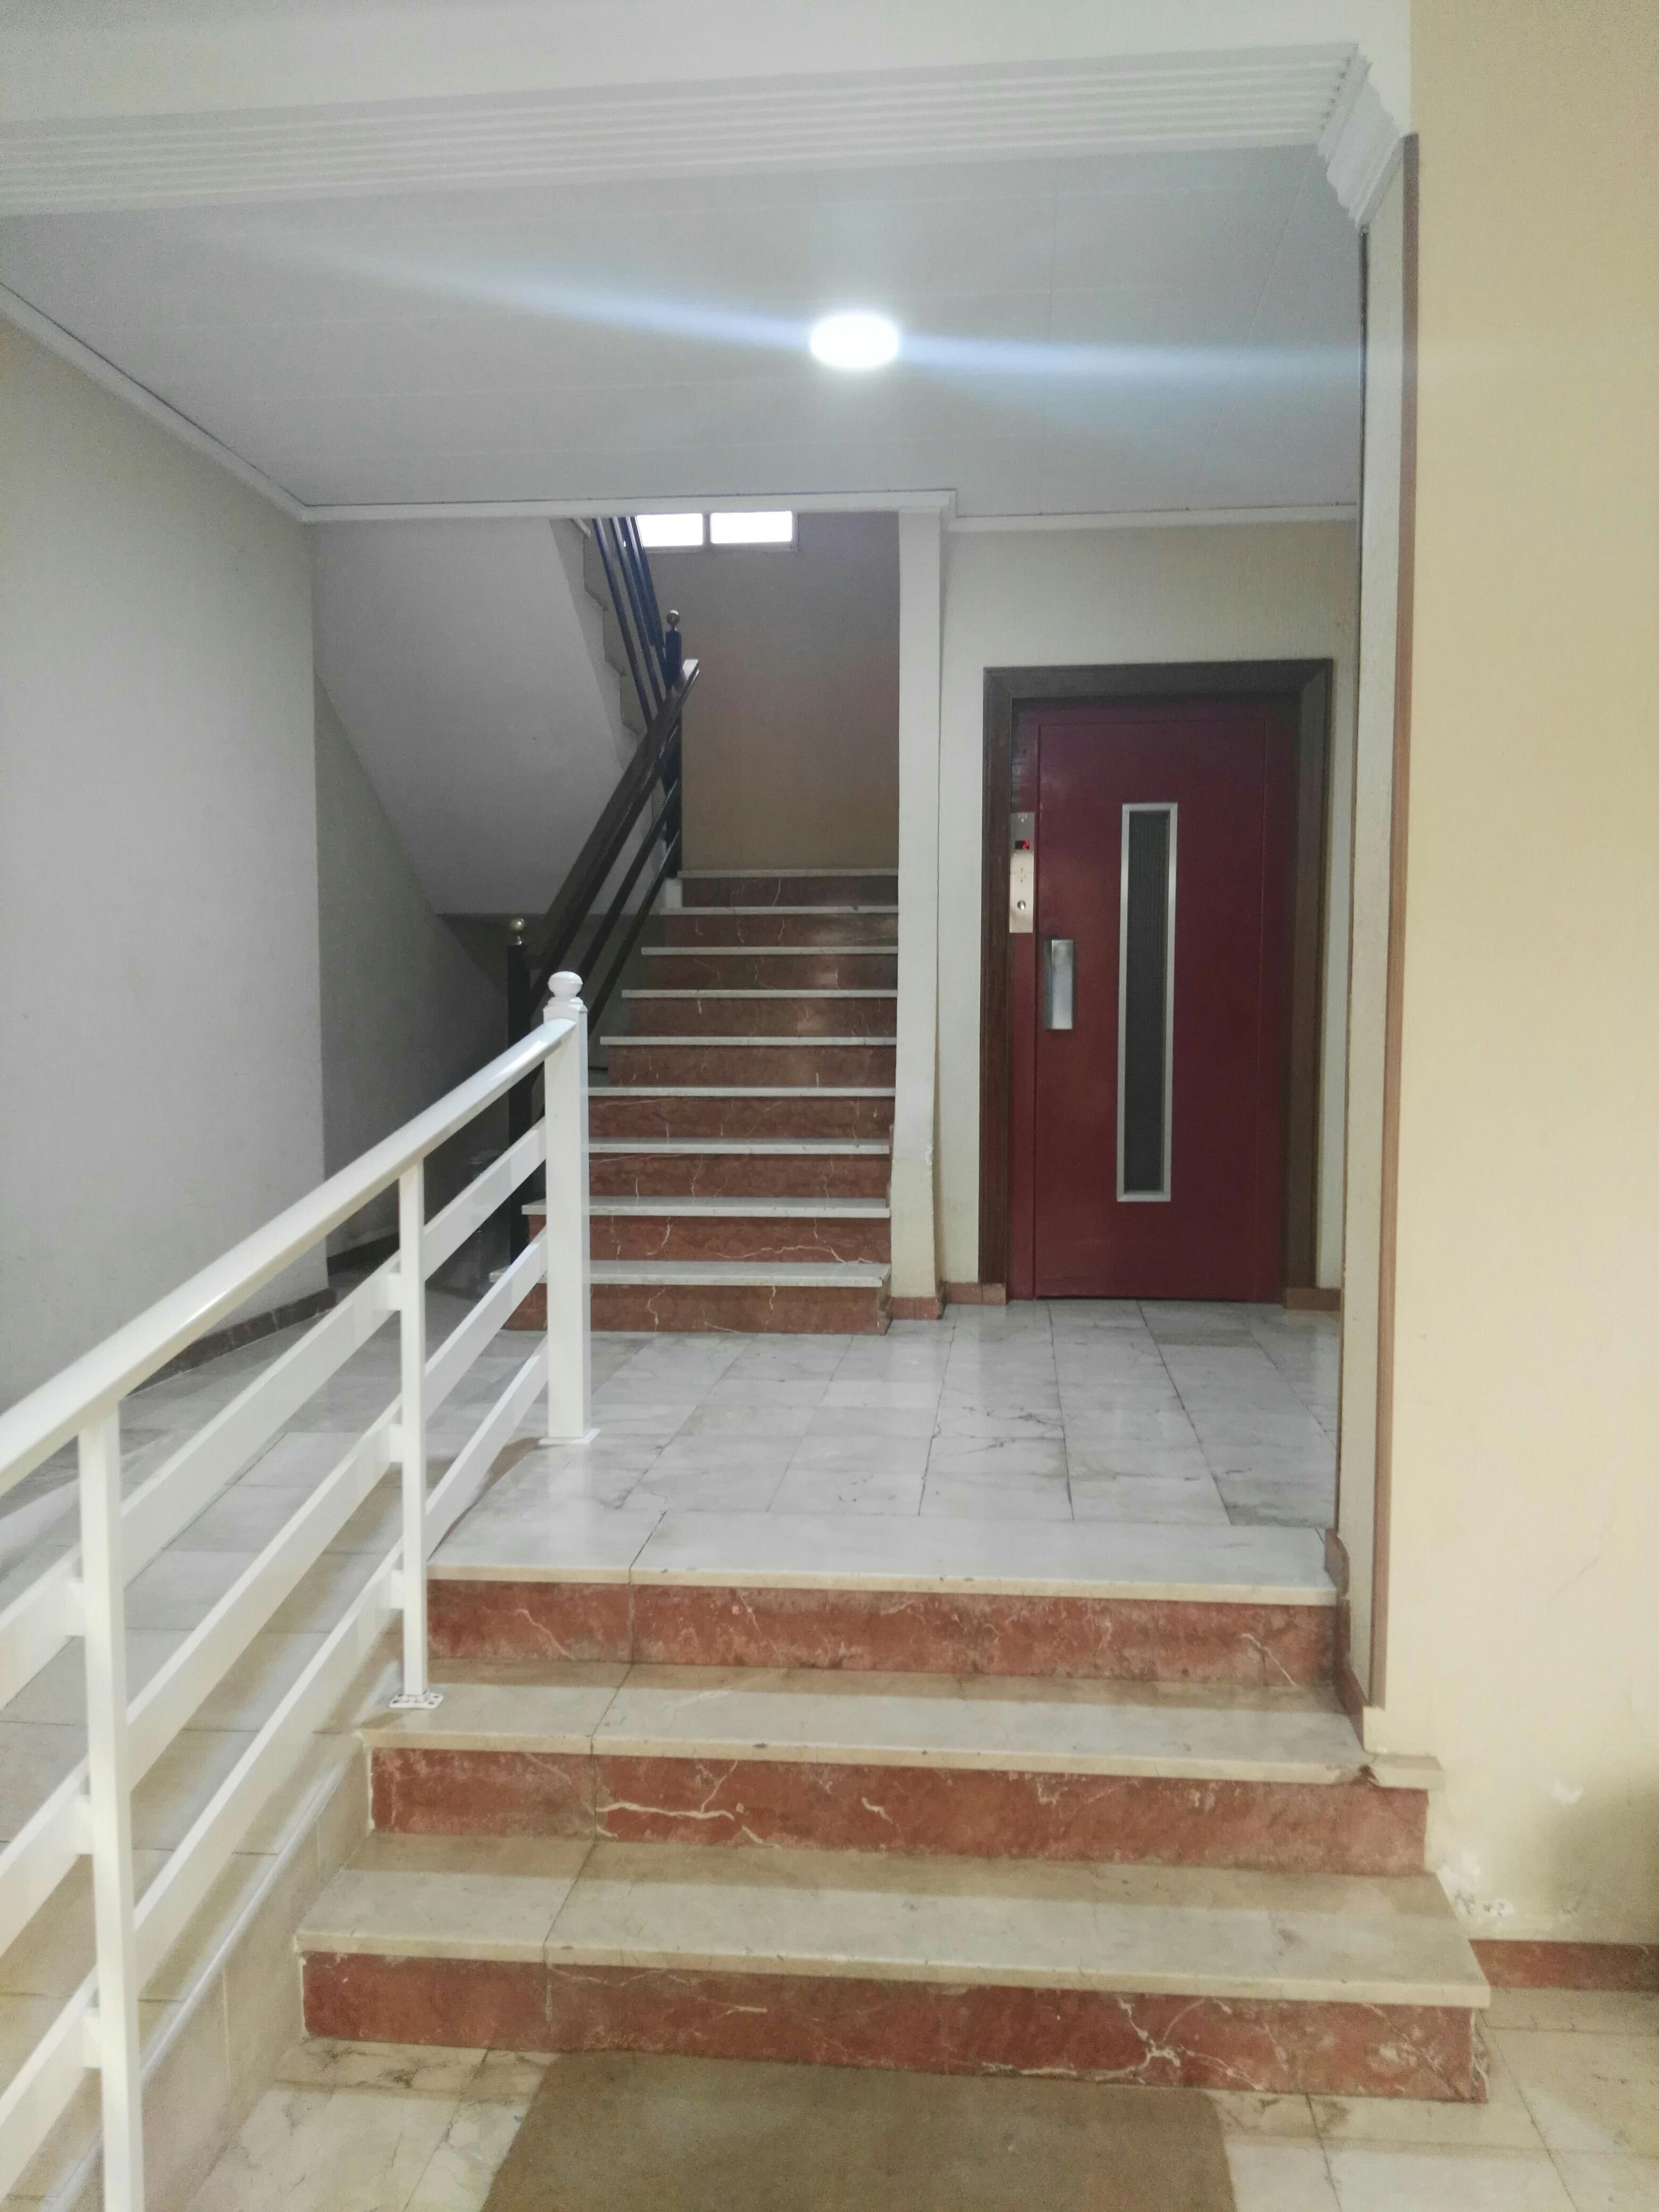 Piso en venta en La Pedrera, Dénia, Alicante, Calle D`alacant, 136.000 €, 3 habitaciones, 2 baños, 114 m2